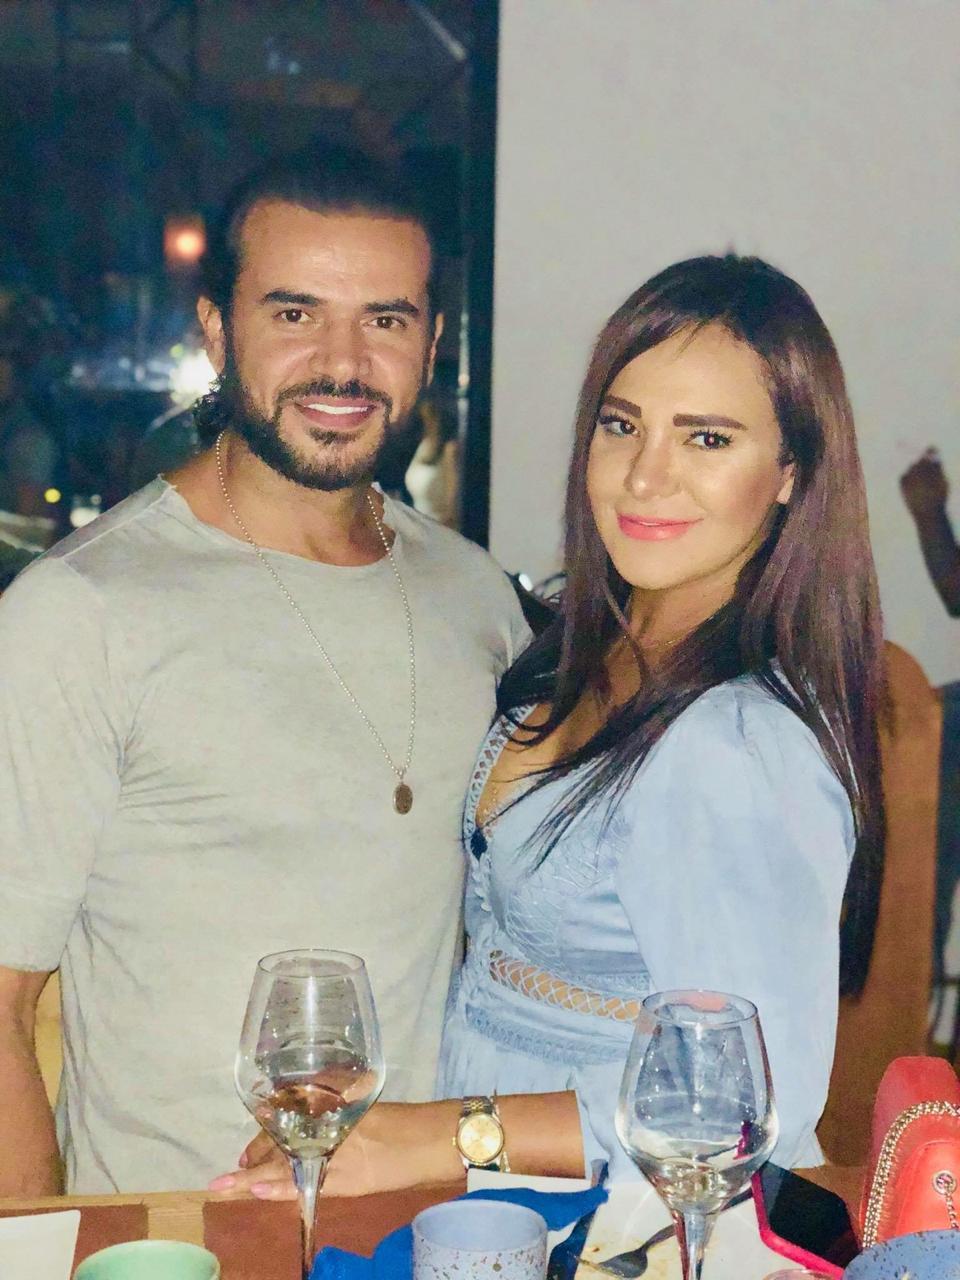 صورة سامو زين وزوجته في لبنان ومن قرطاج الي صور